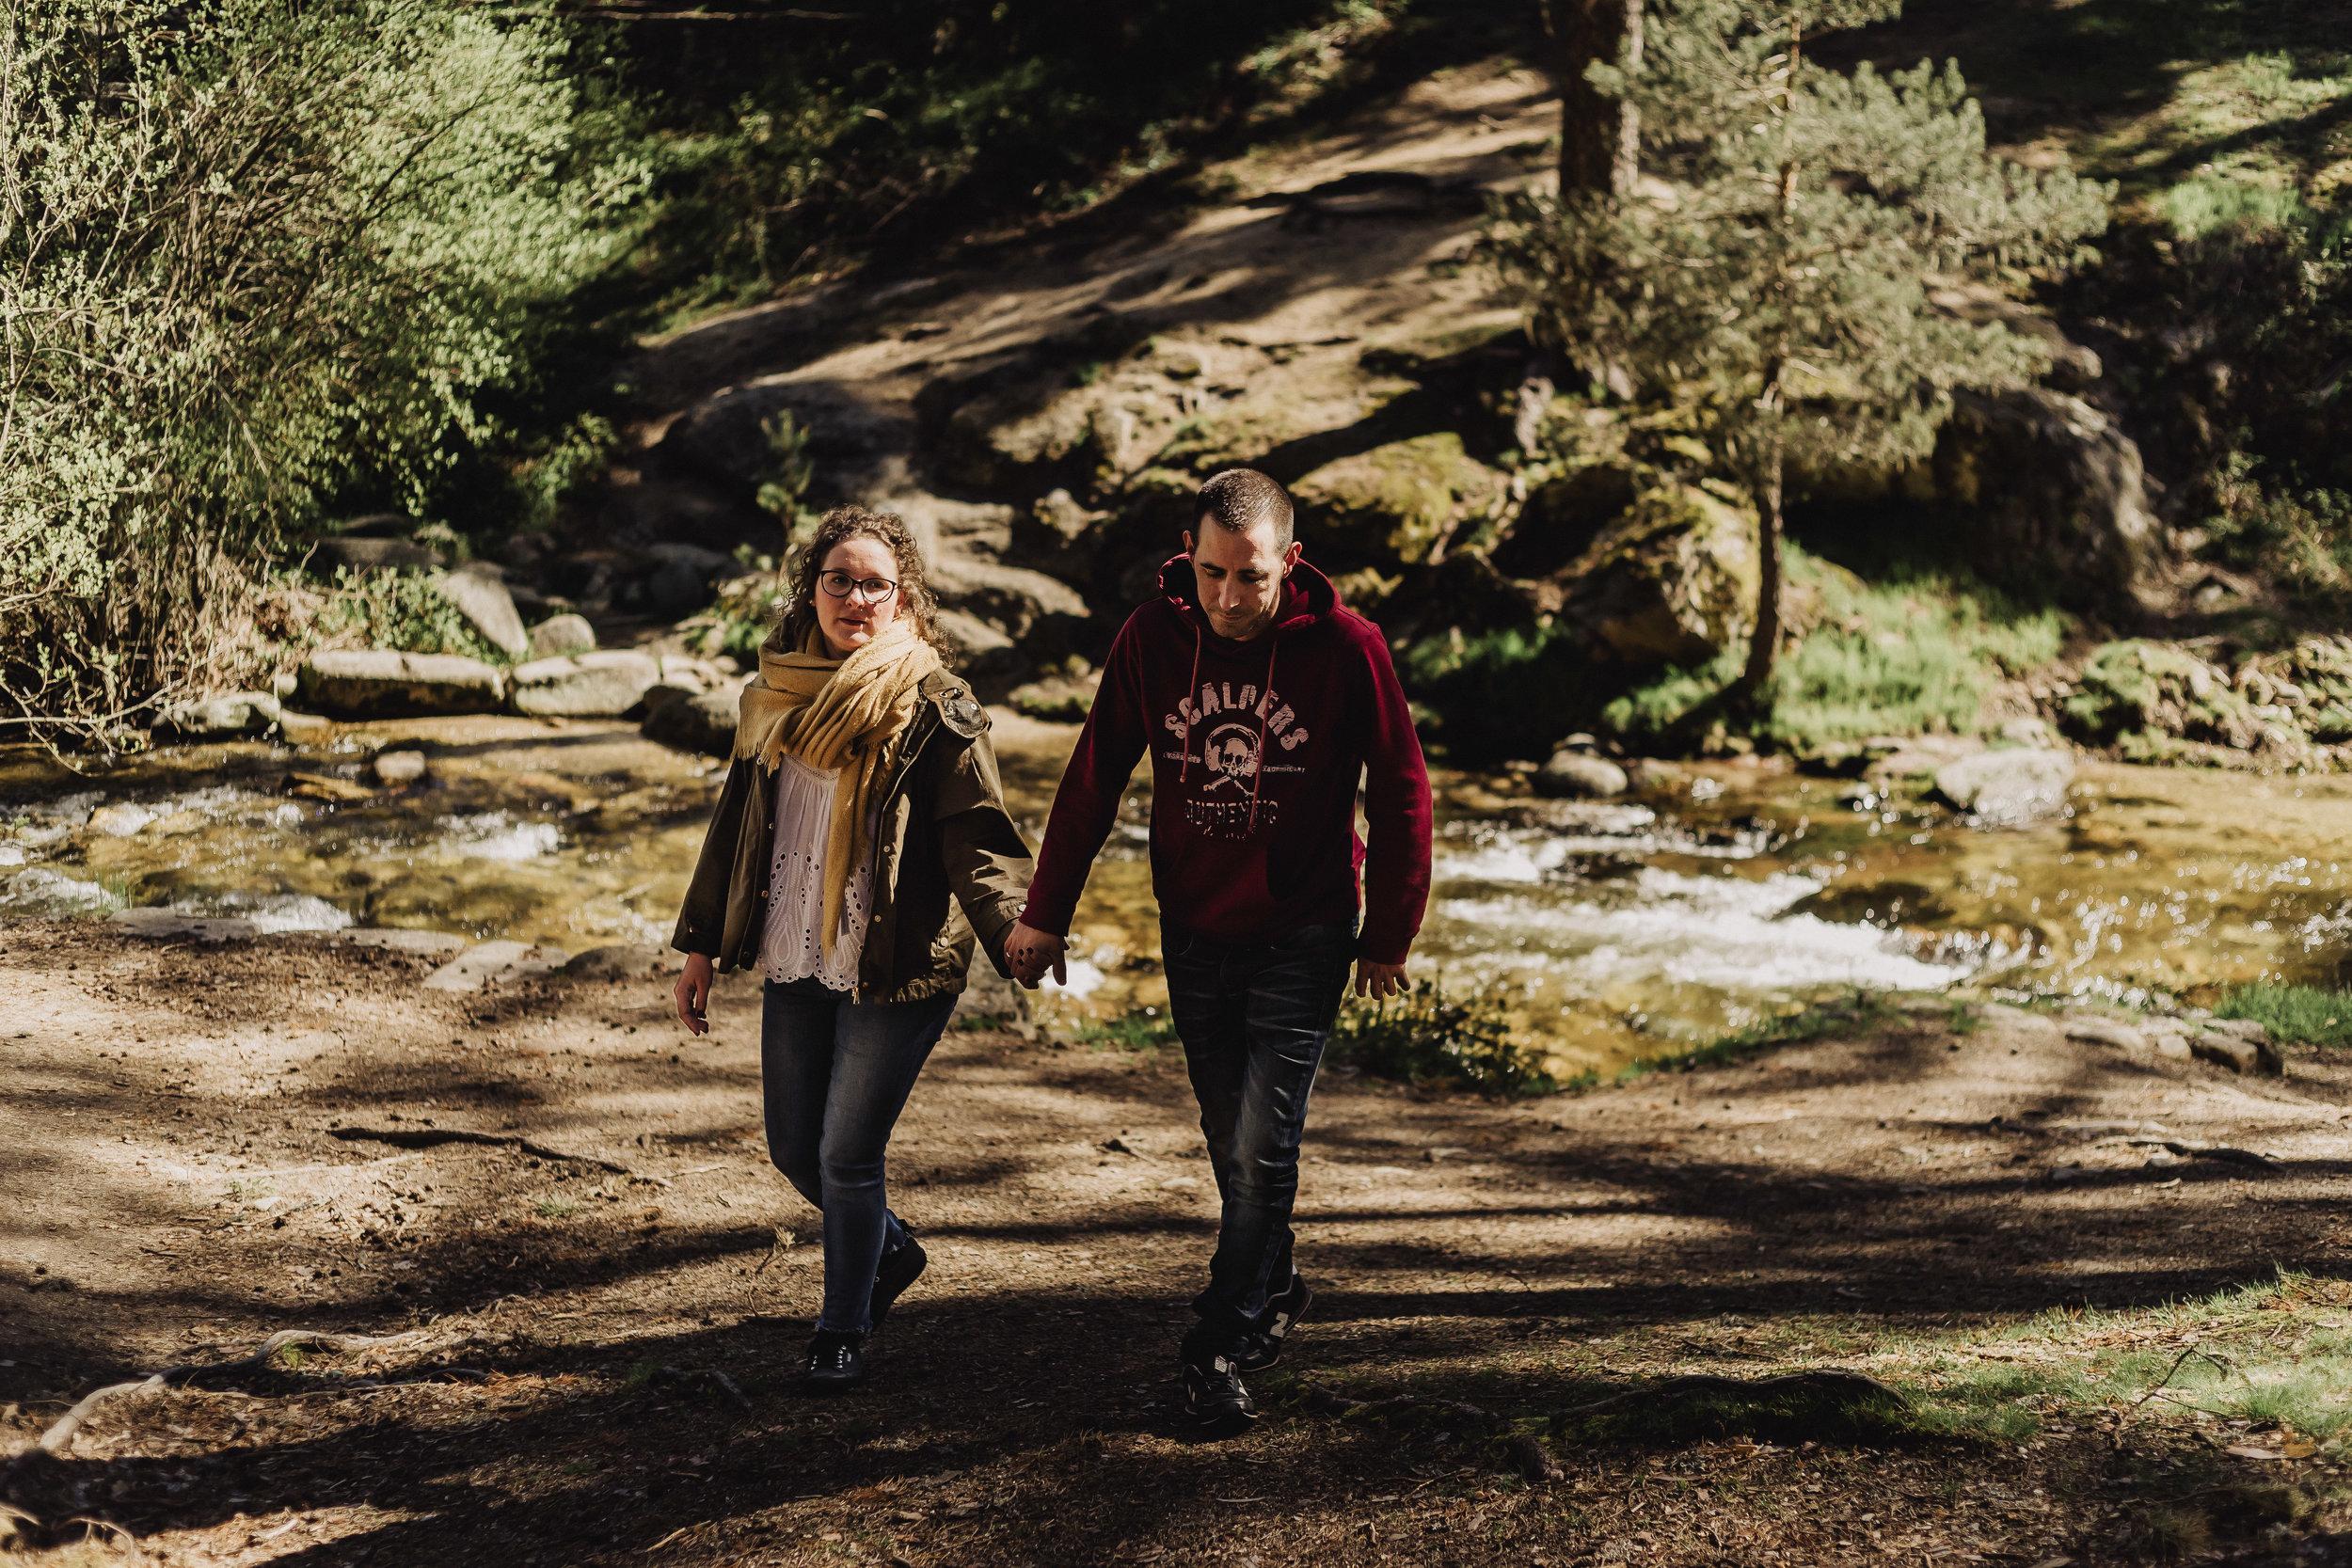 preboda-en- bosque-23.jpg